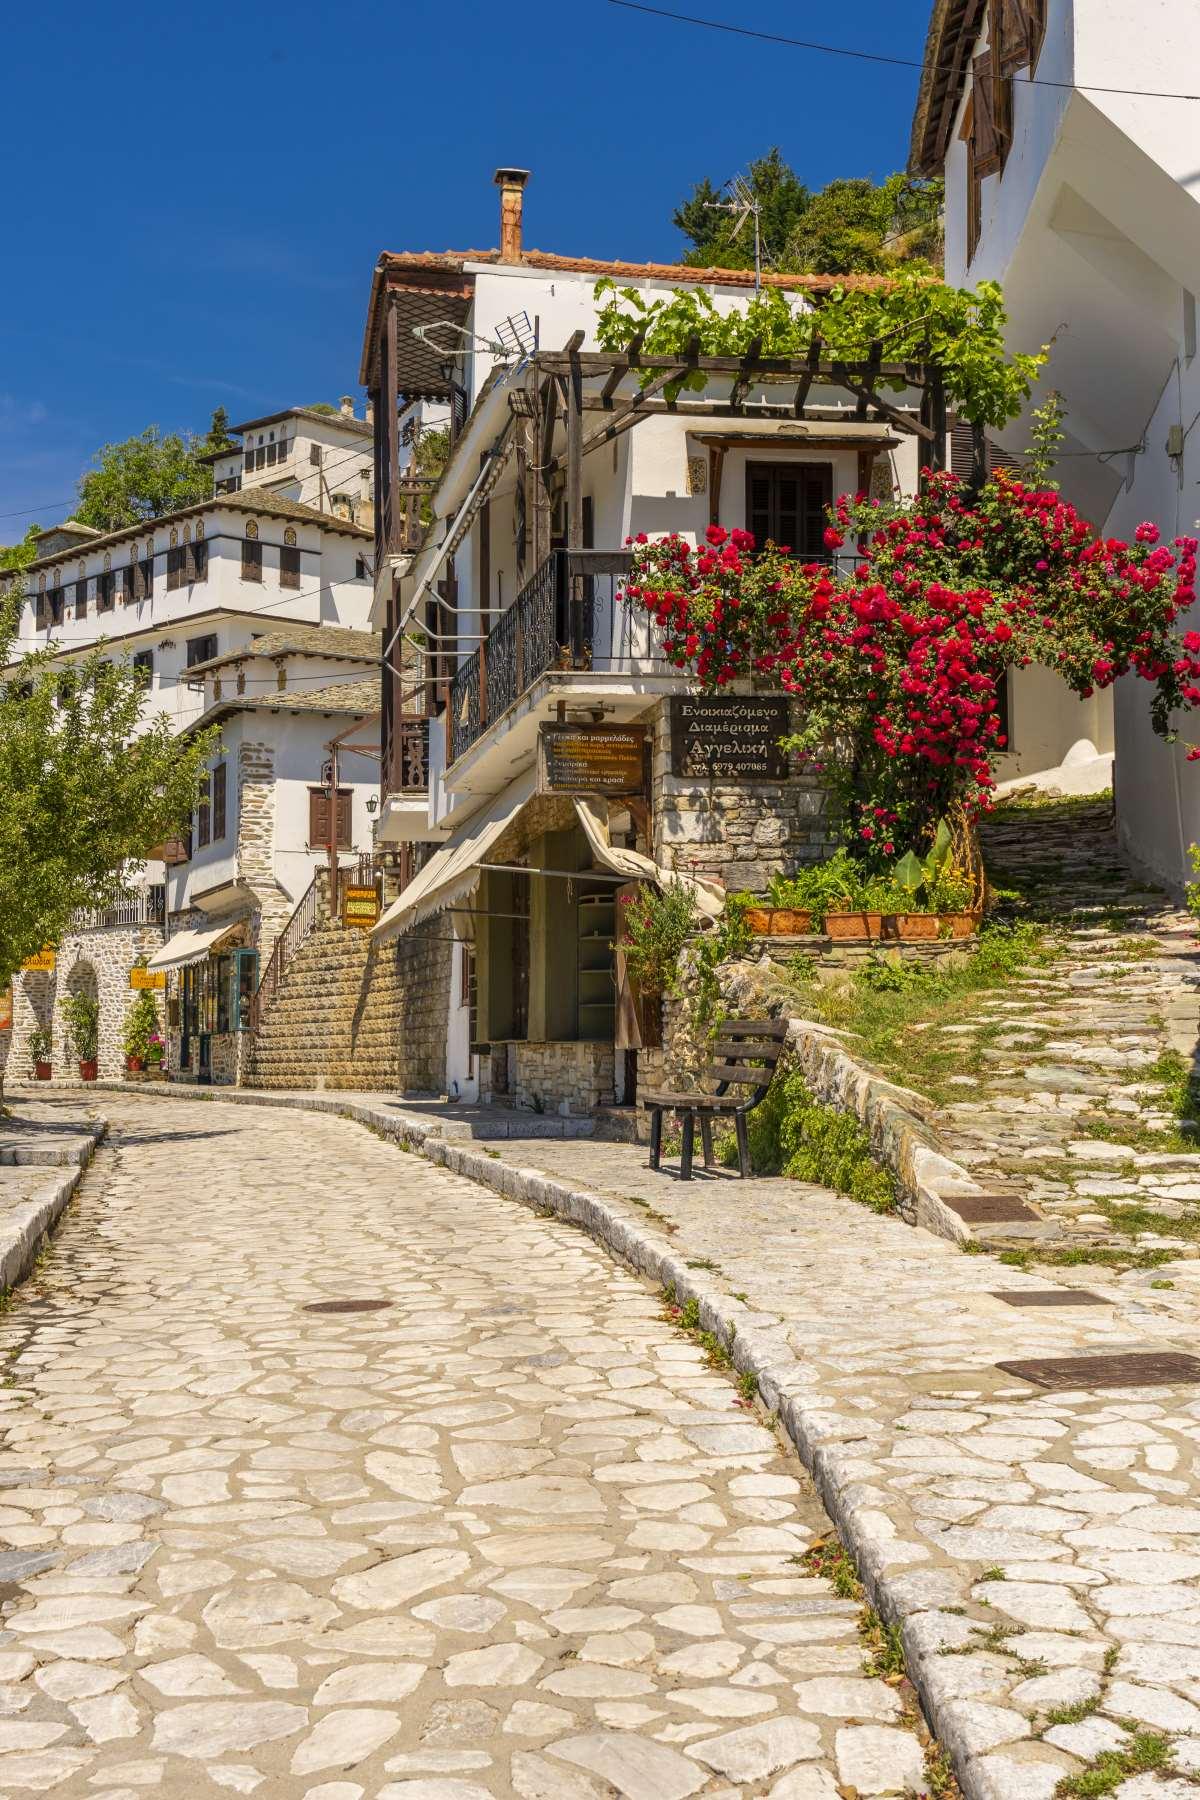 Μακρινίτσα, κάνοντας βόλτα στο χωριό